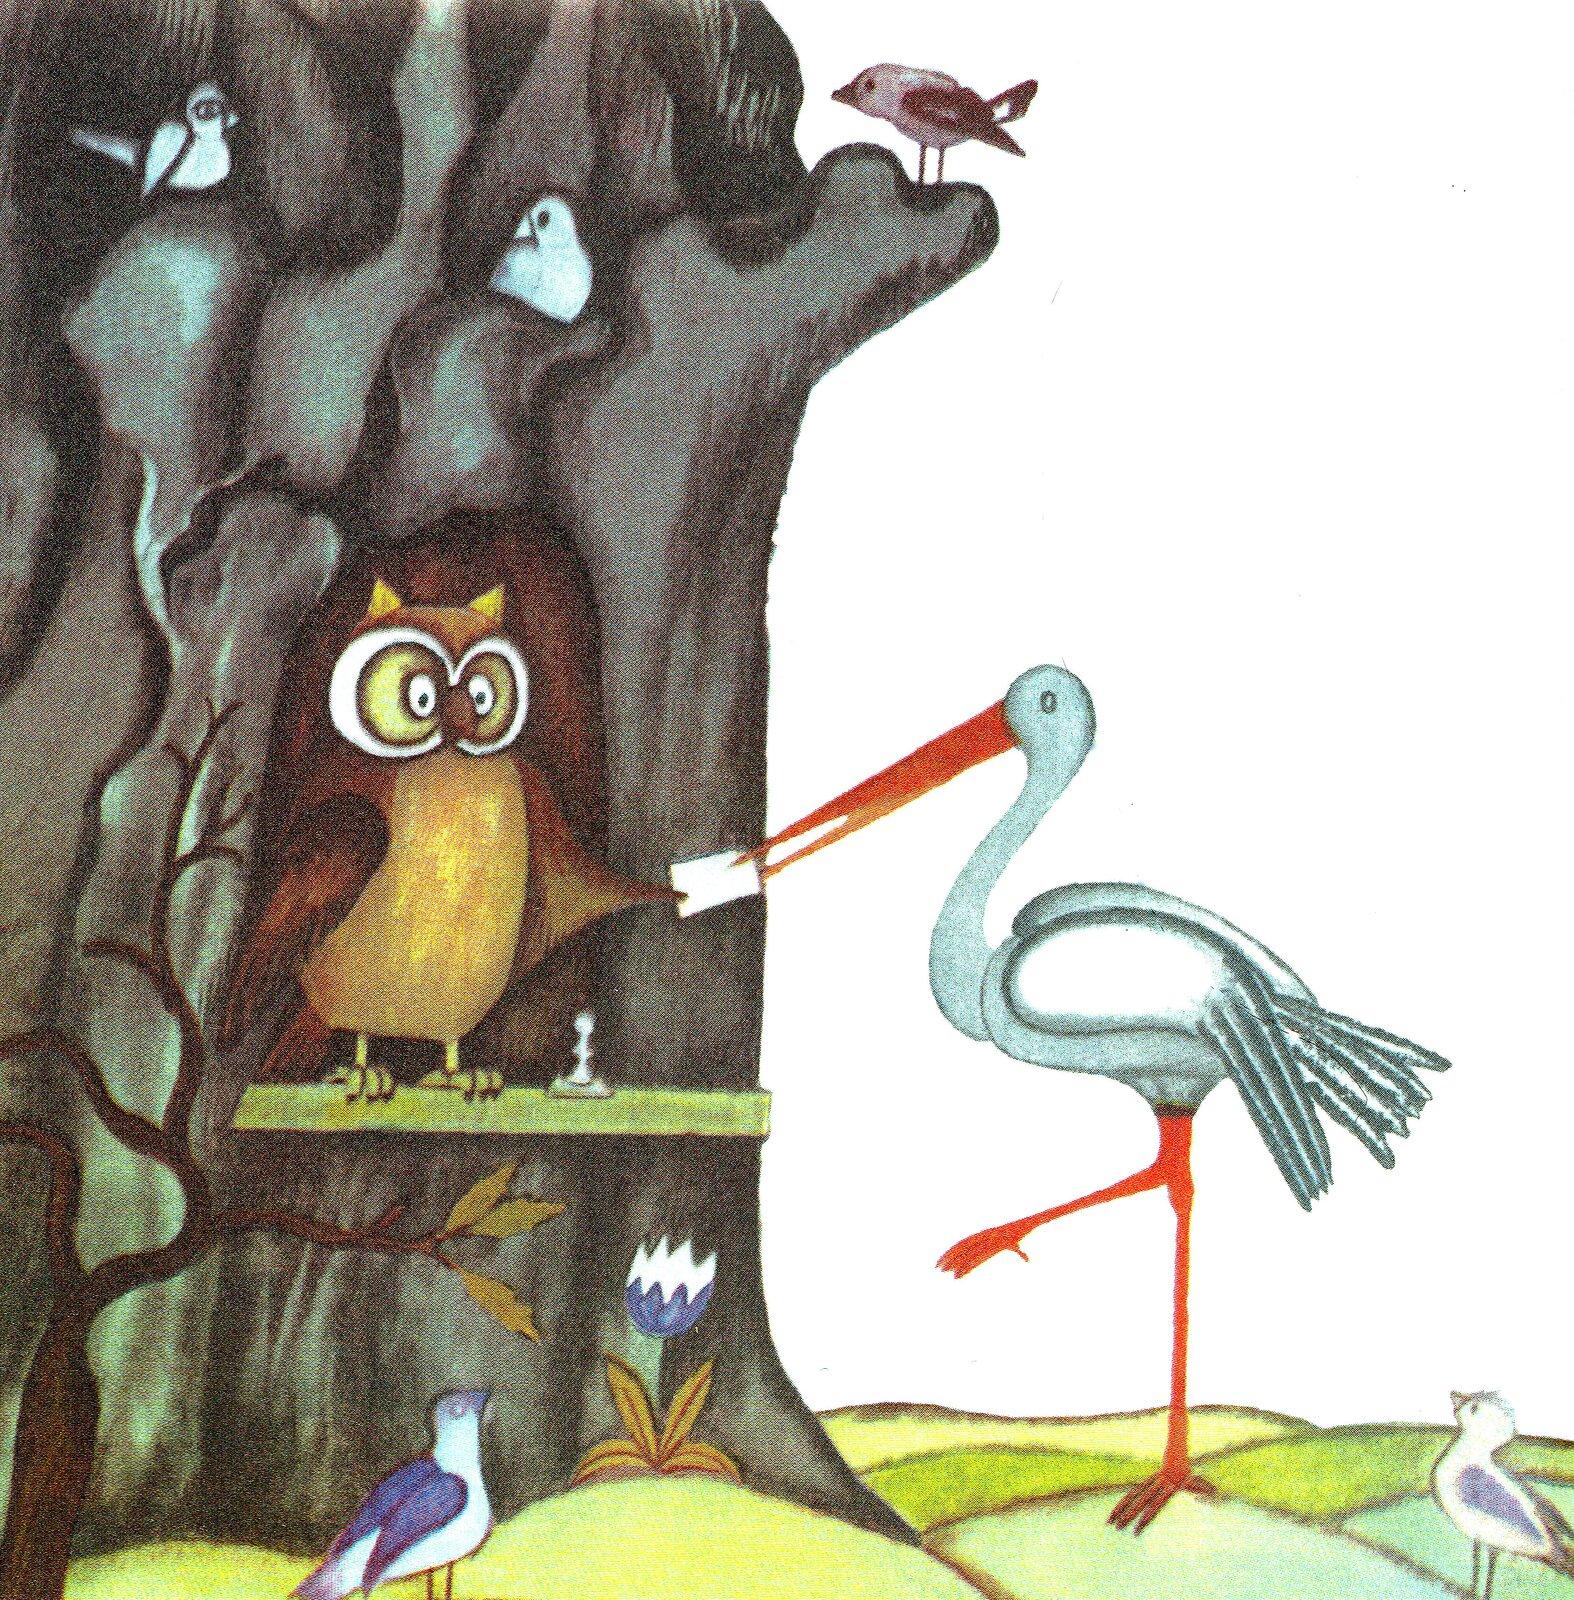 """Ilustracja przedstawia pracę Olgi Siemaszko zksiążki Jerzego Kiersta """"Biuro paszportowe"""". Ukazuje stare drzewo zdziuplą, wktórej stoi sowa. Przed drzewem, na jednej nodze stoi bocian iprzekazuje sowie karteczkę trzymaną wdziobie. Scenie przyglądają się ptaszki siedzące na drzewie istojące na polanie przed nim."""